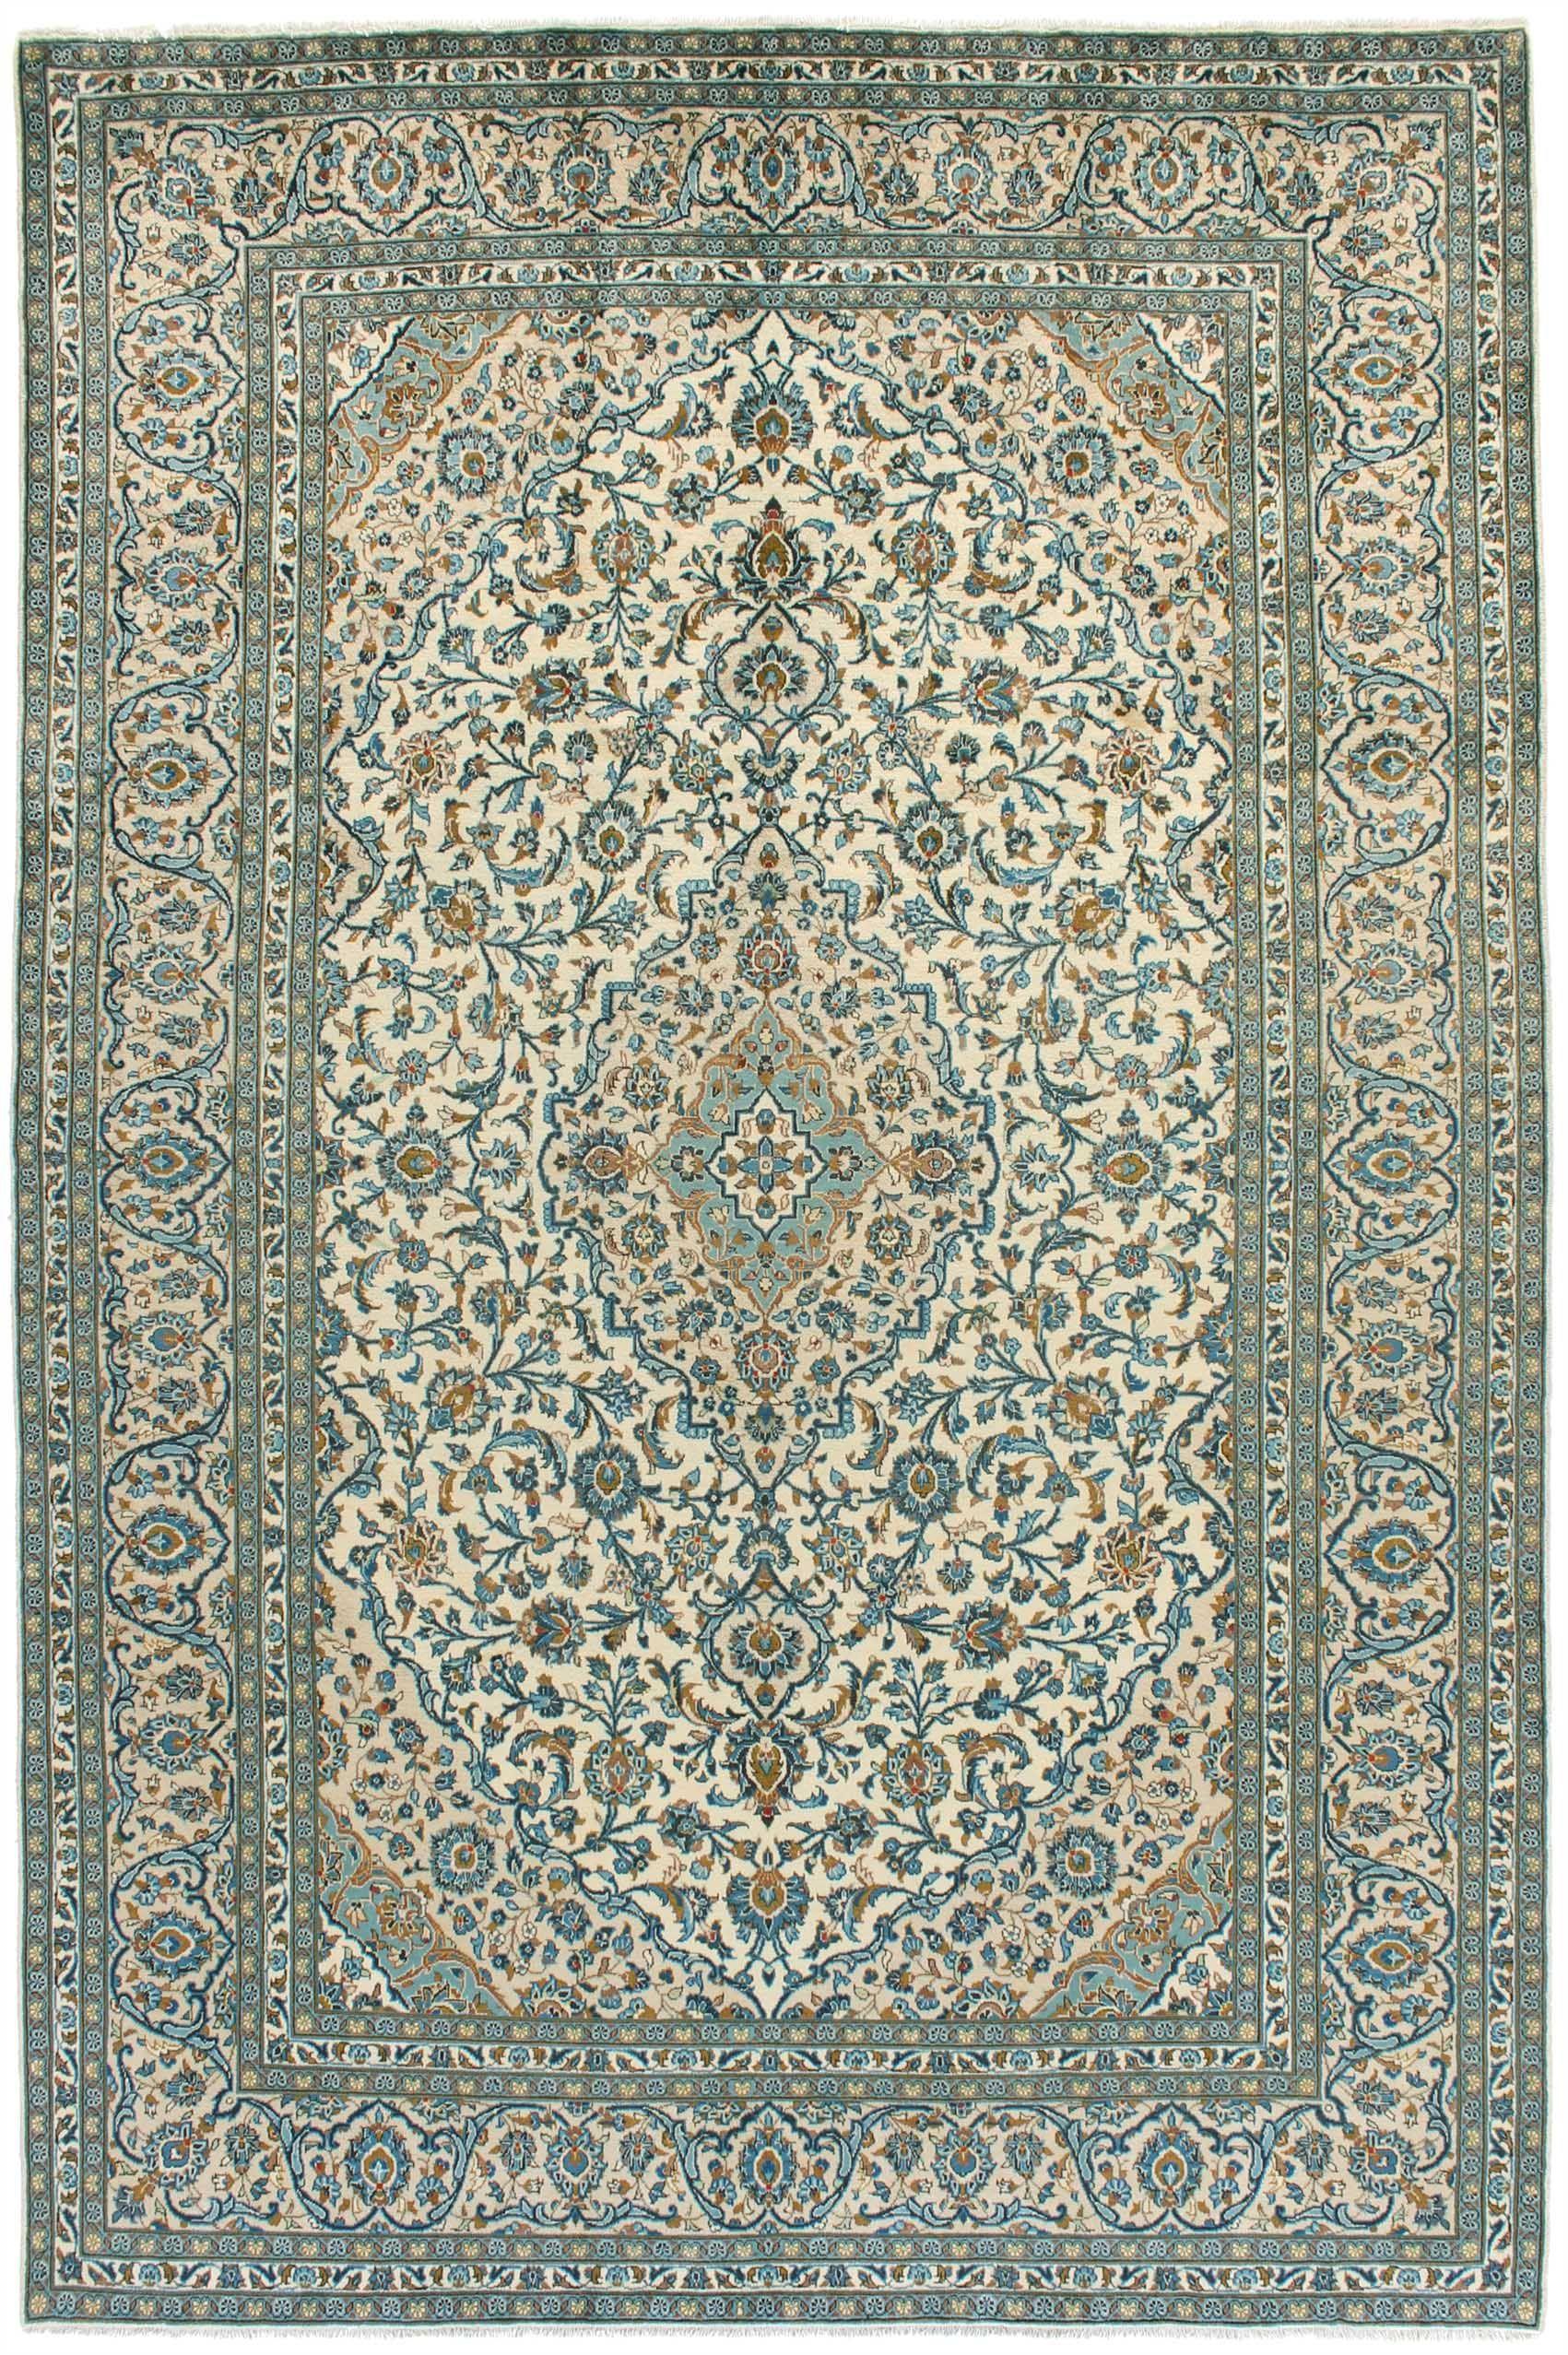 Keshan Teppich 372x246 Orientteppich Teppich Wohnzimmer